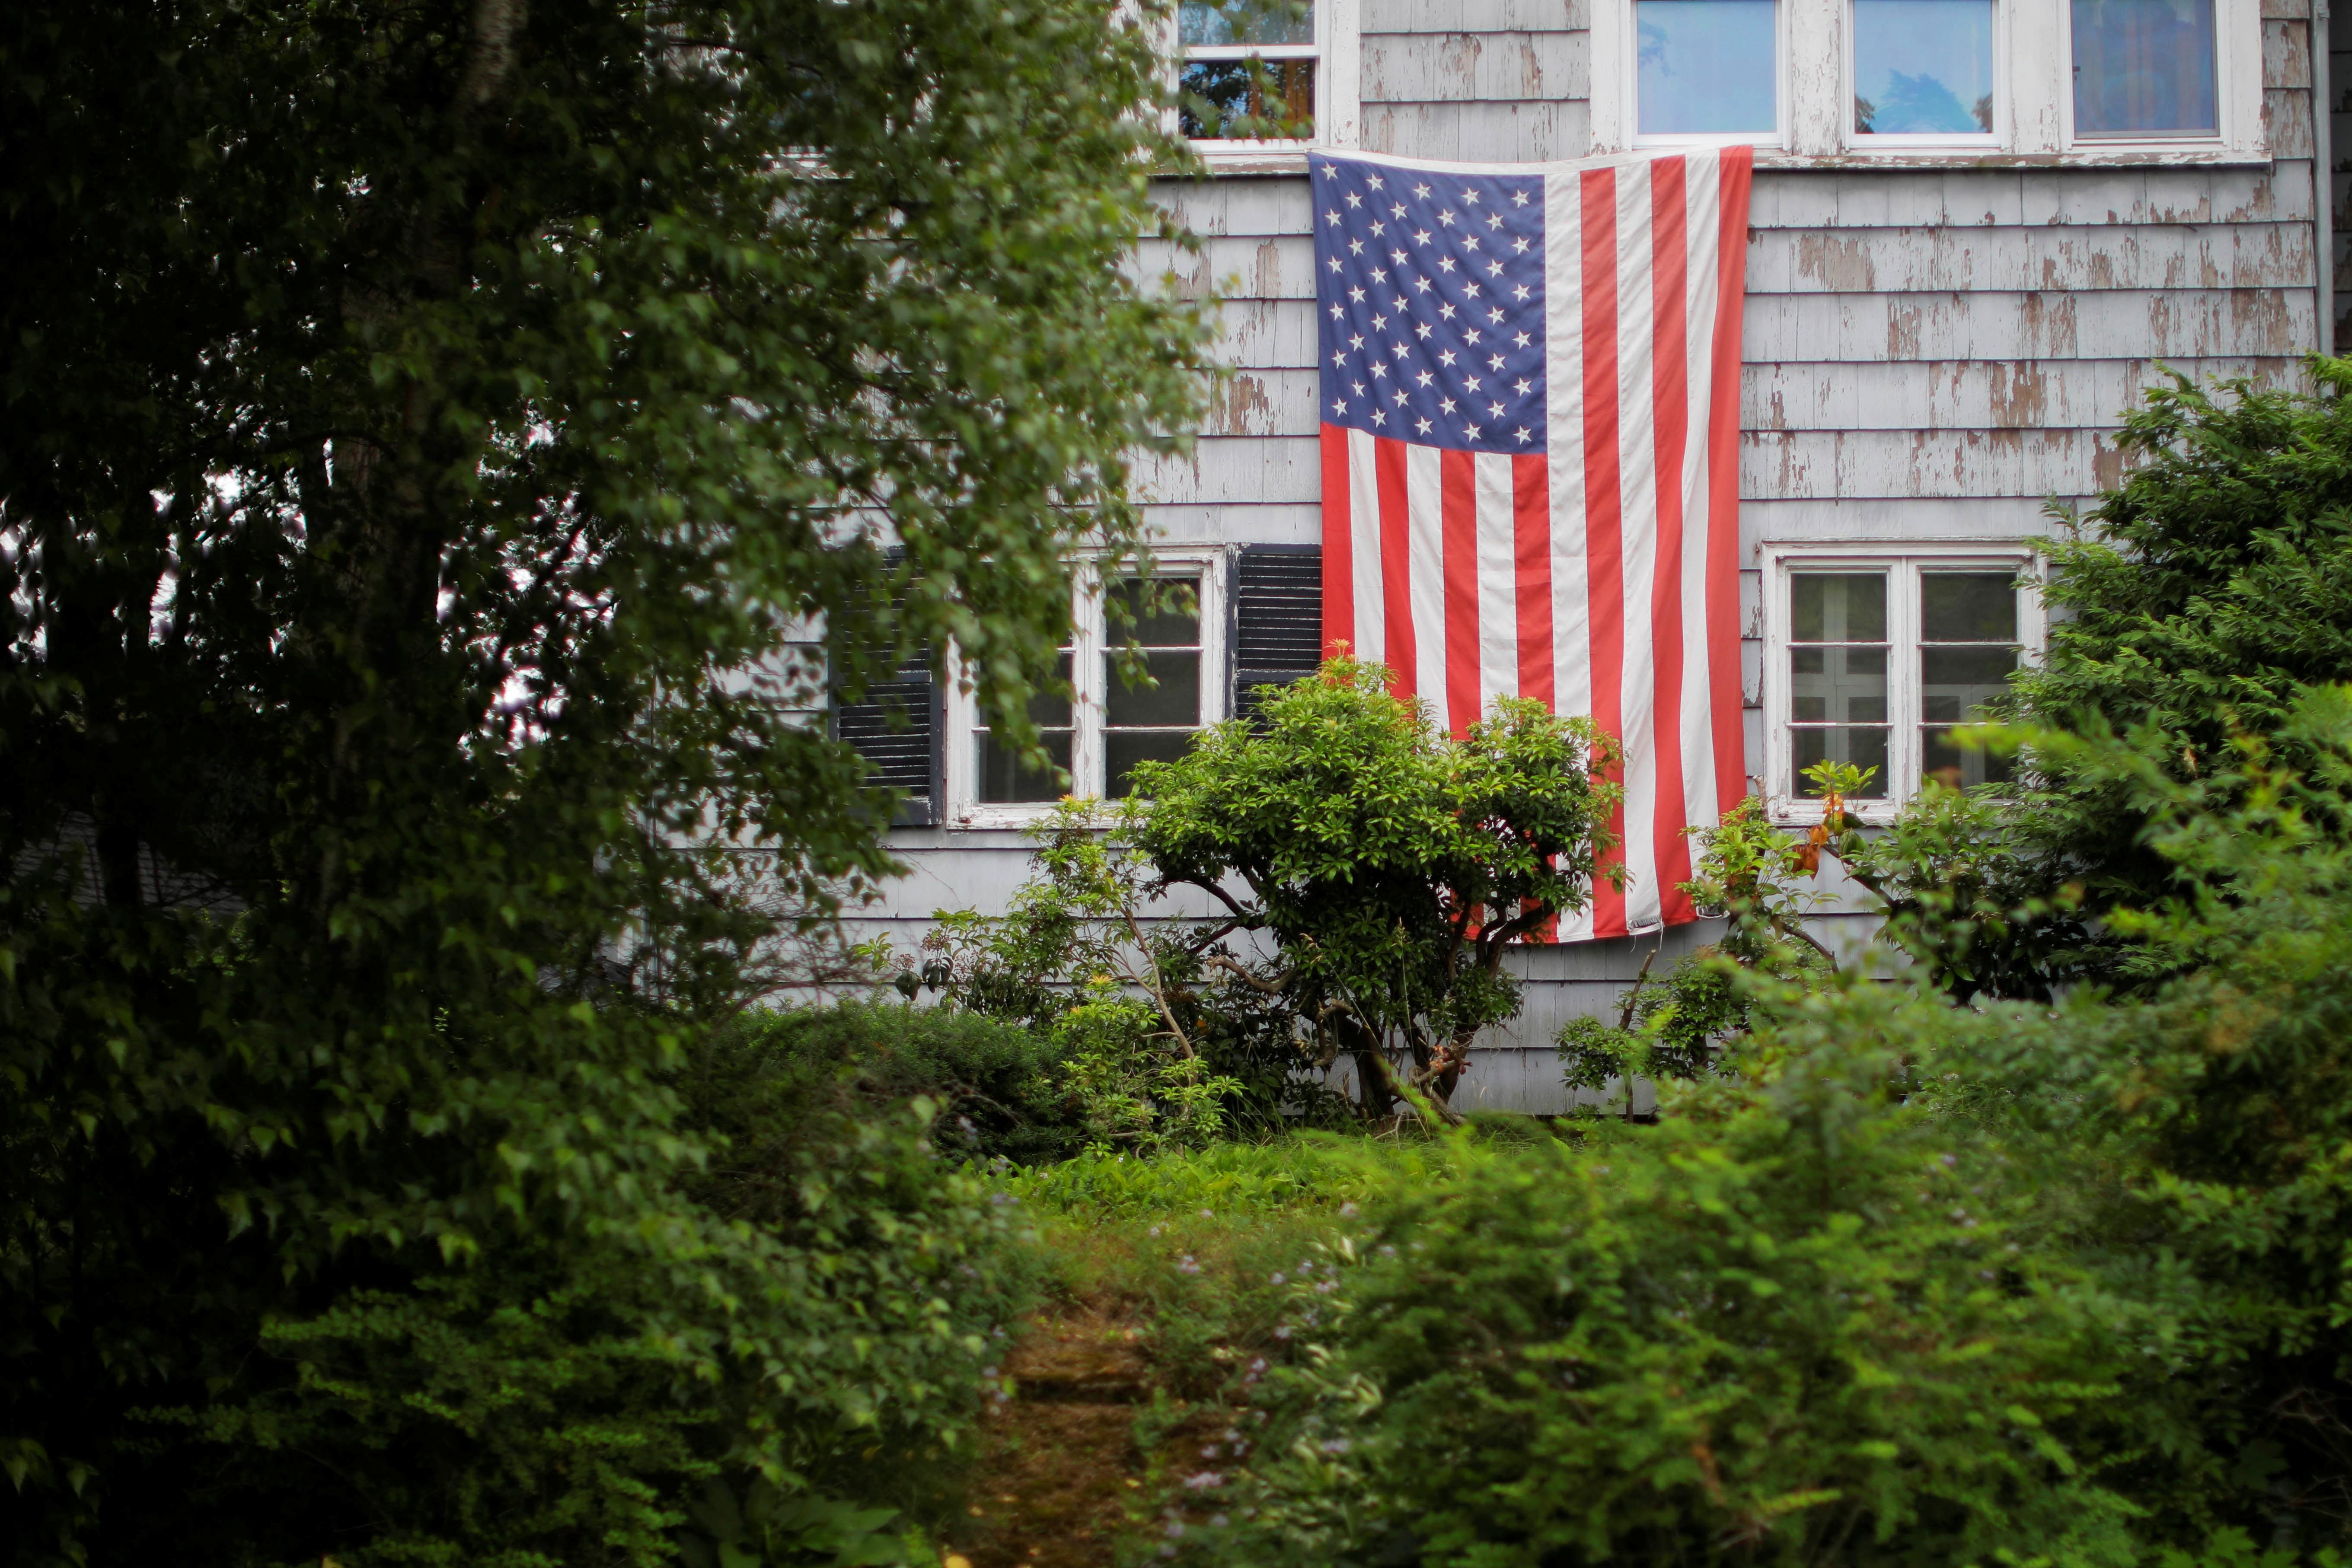 Estados Unidos celebram Dia da Independência em meio a aumento recorde de casos de Covid-19